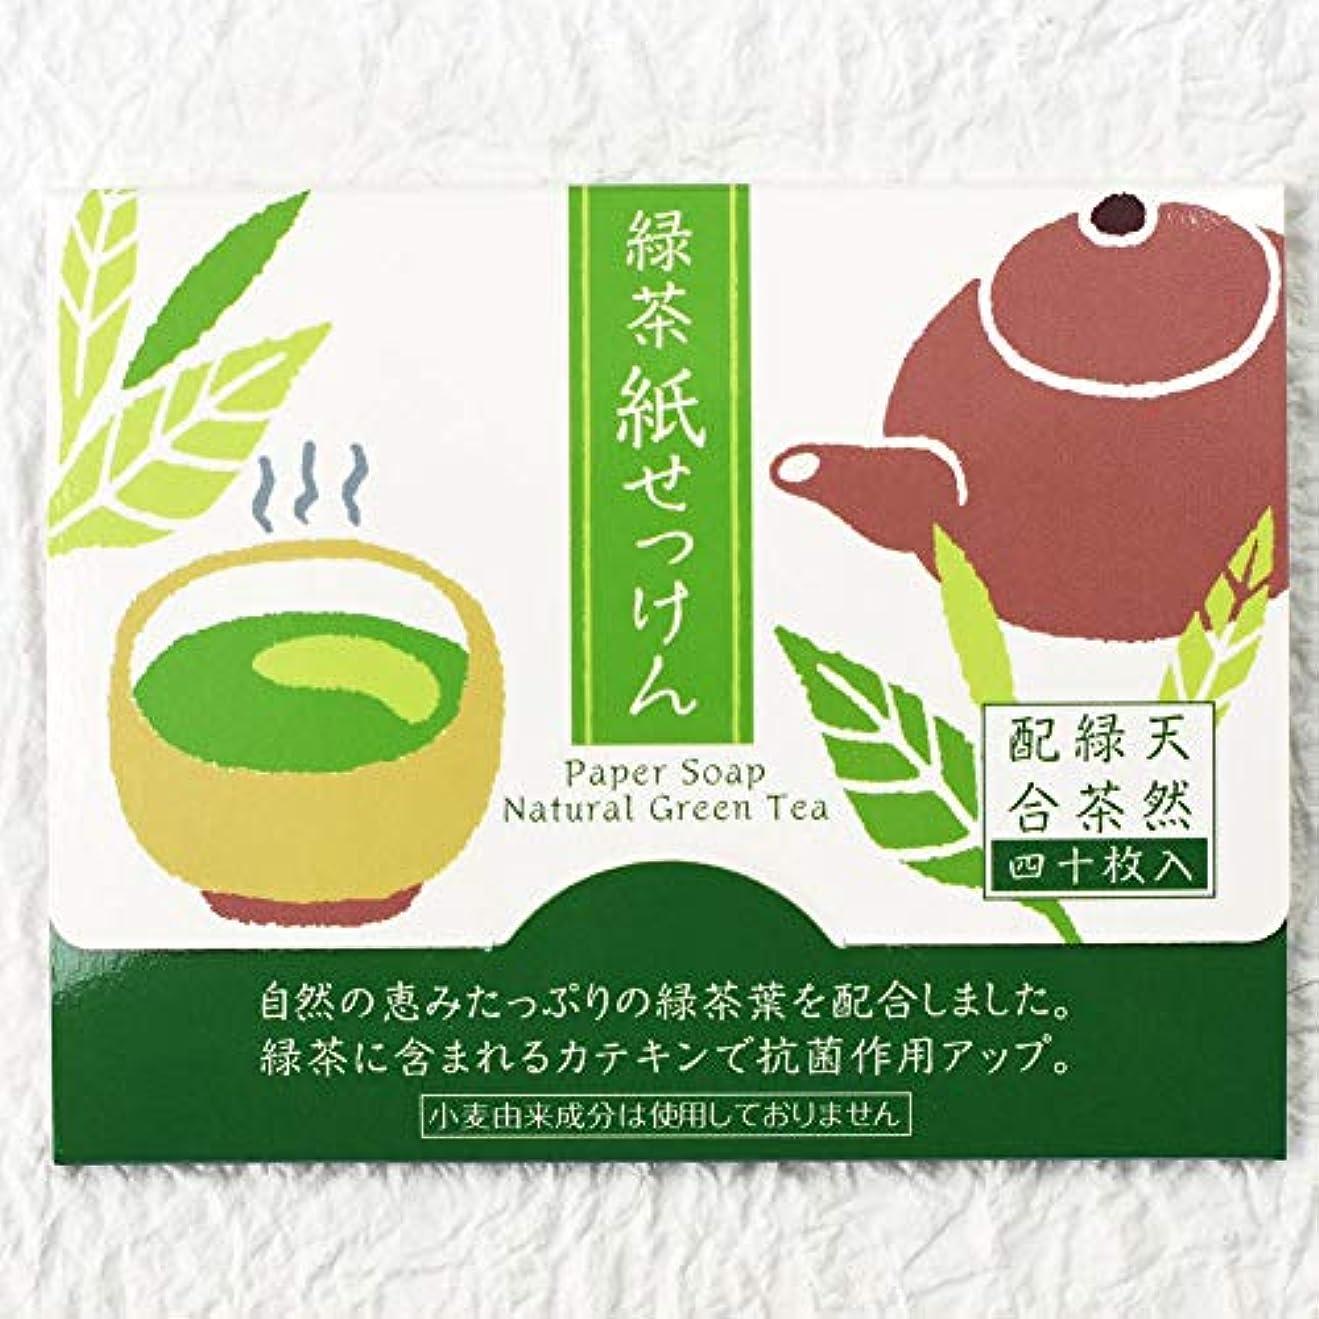 スピーチ船外しゃがむ表現社 紙せっけん 天然緑茶配合 22-289